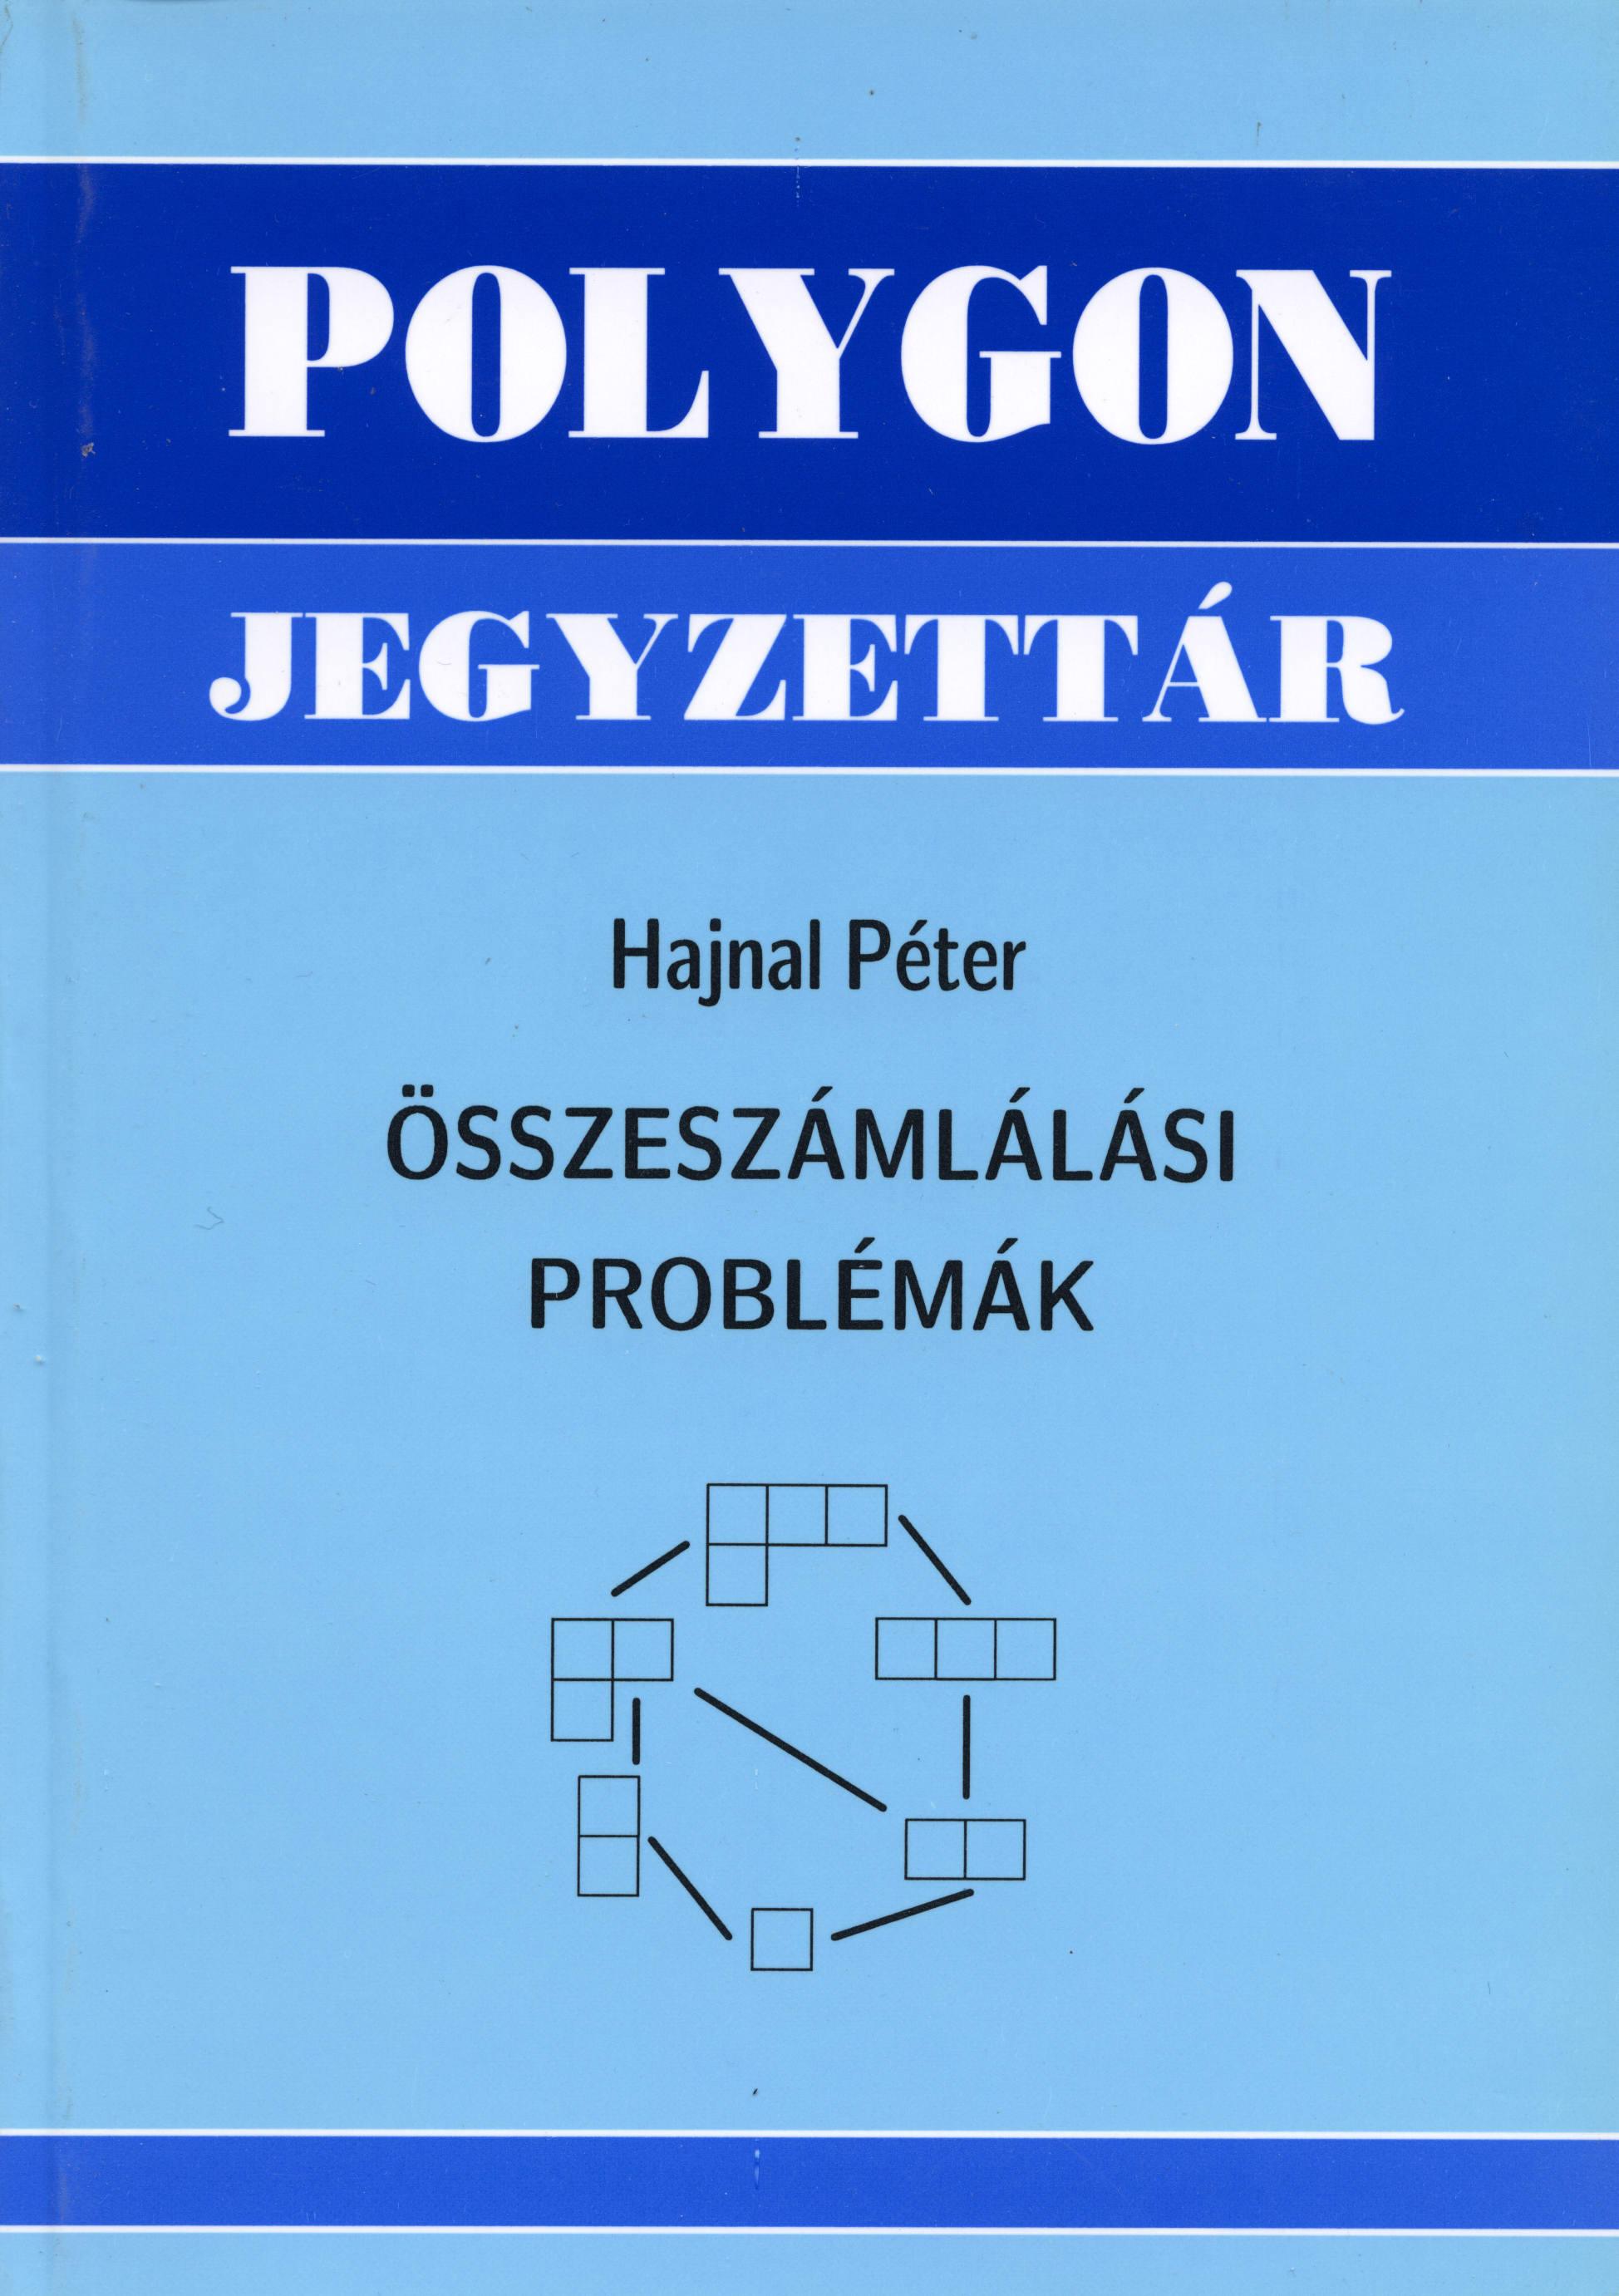 Összeszámlálási problémák - Polygon jegyzet